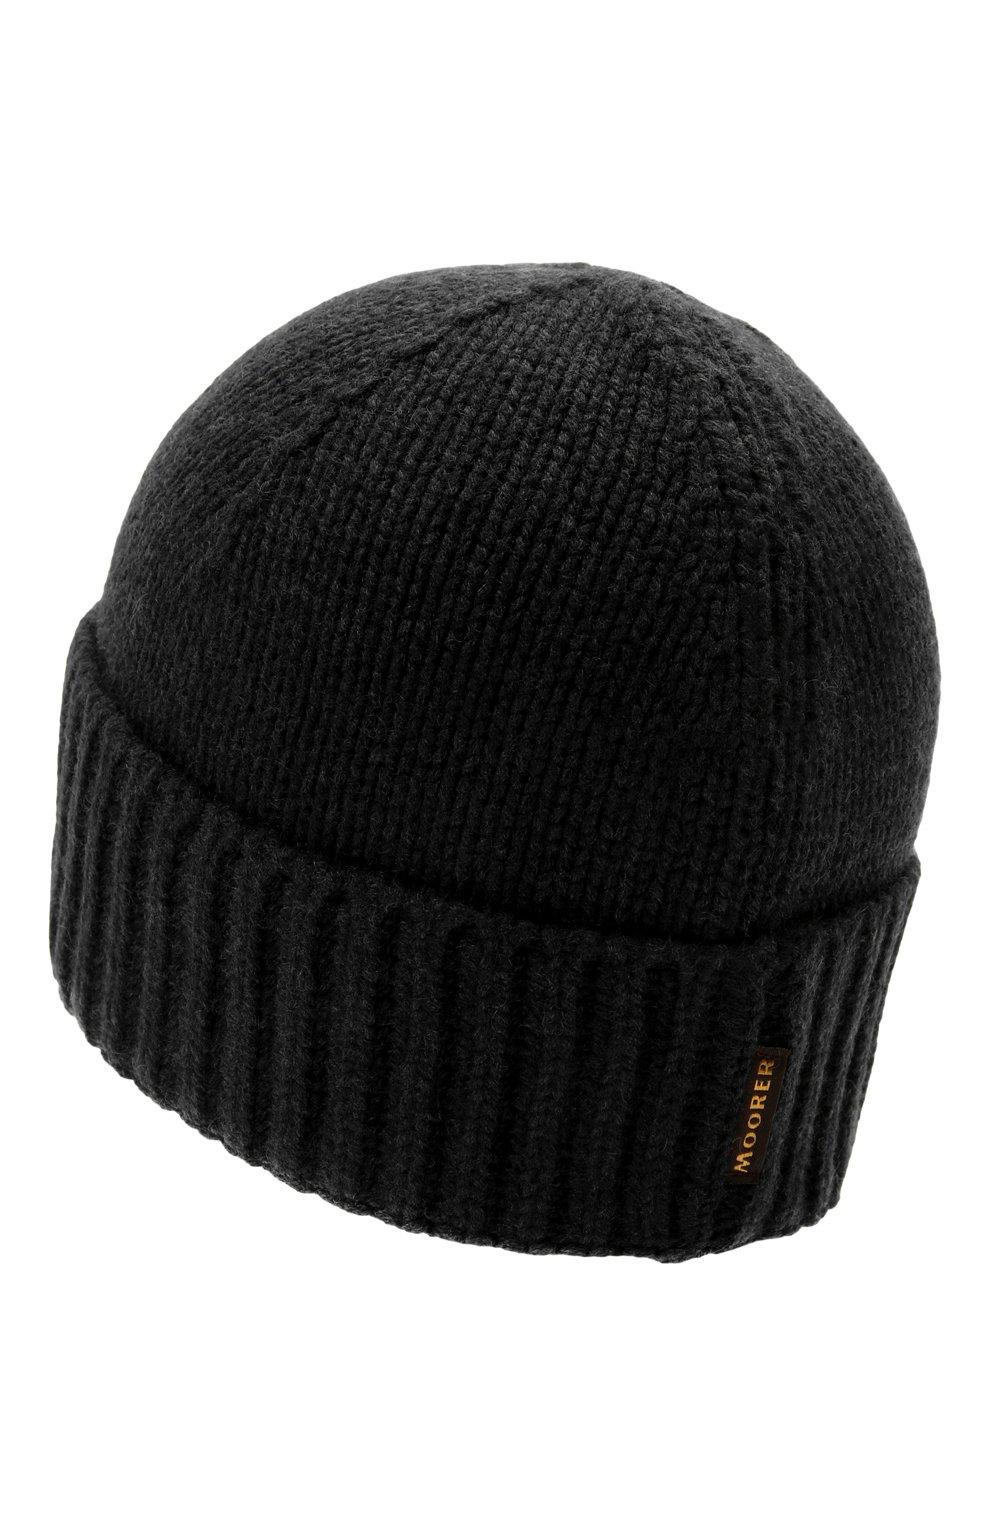 Мужская кашемировая шапка MOORER черного цвета, арт. BERET-CWS/M0UBE100001-TEPA177   Фото 2 (Материал: Кашемир, Шерсть; Кросс-КТ: Трикотаж)